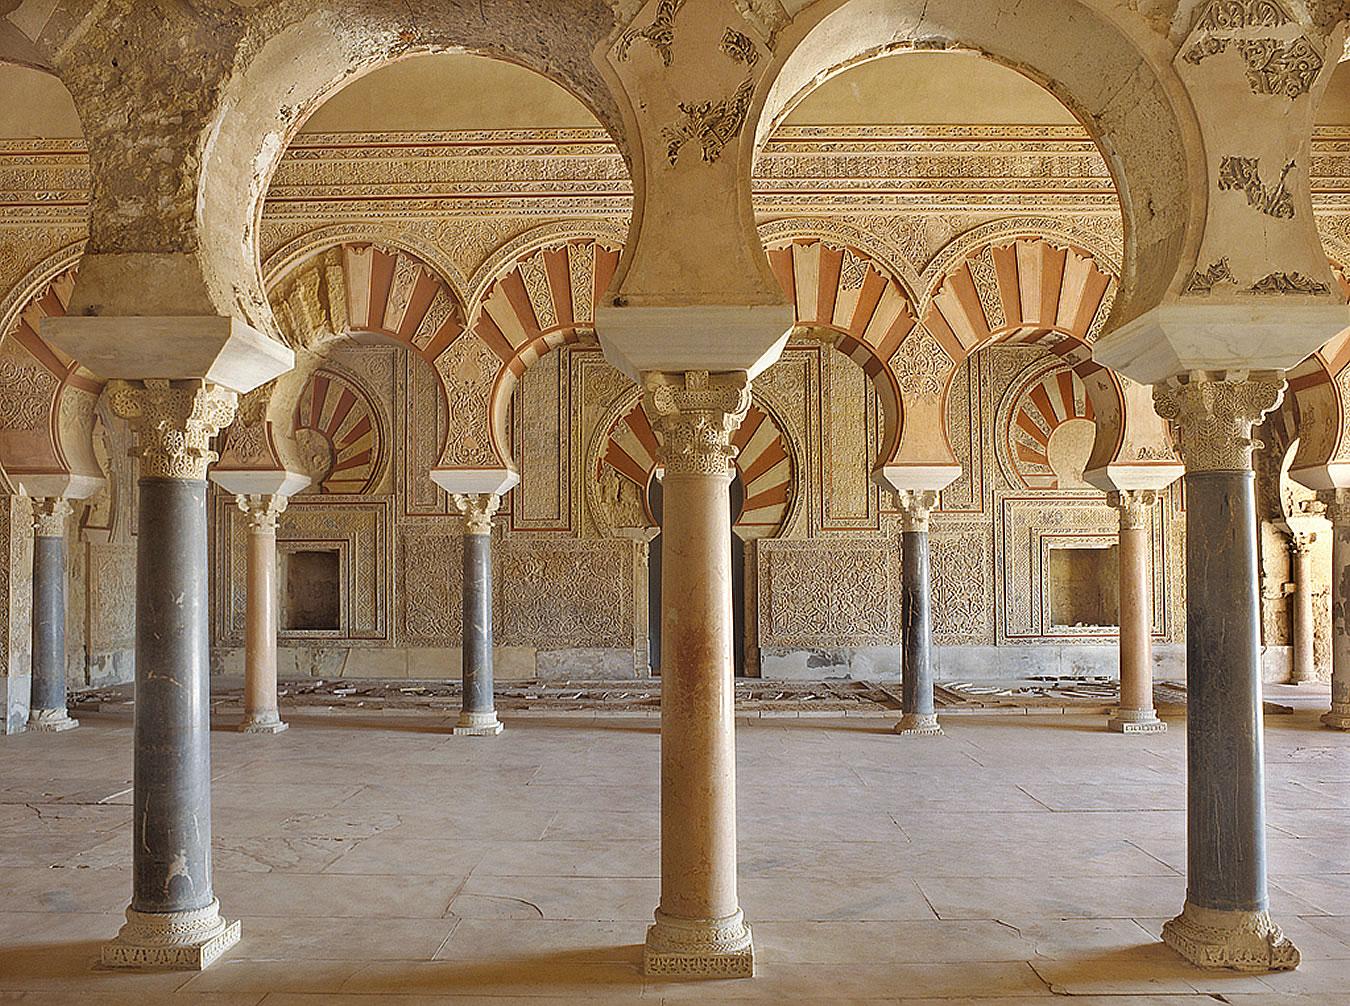 Interiores de Medina Azahara